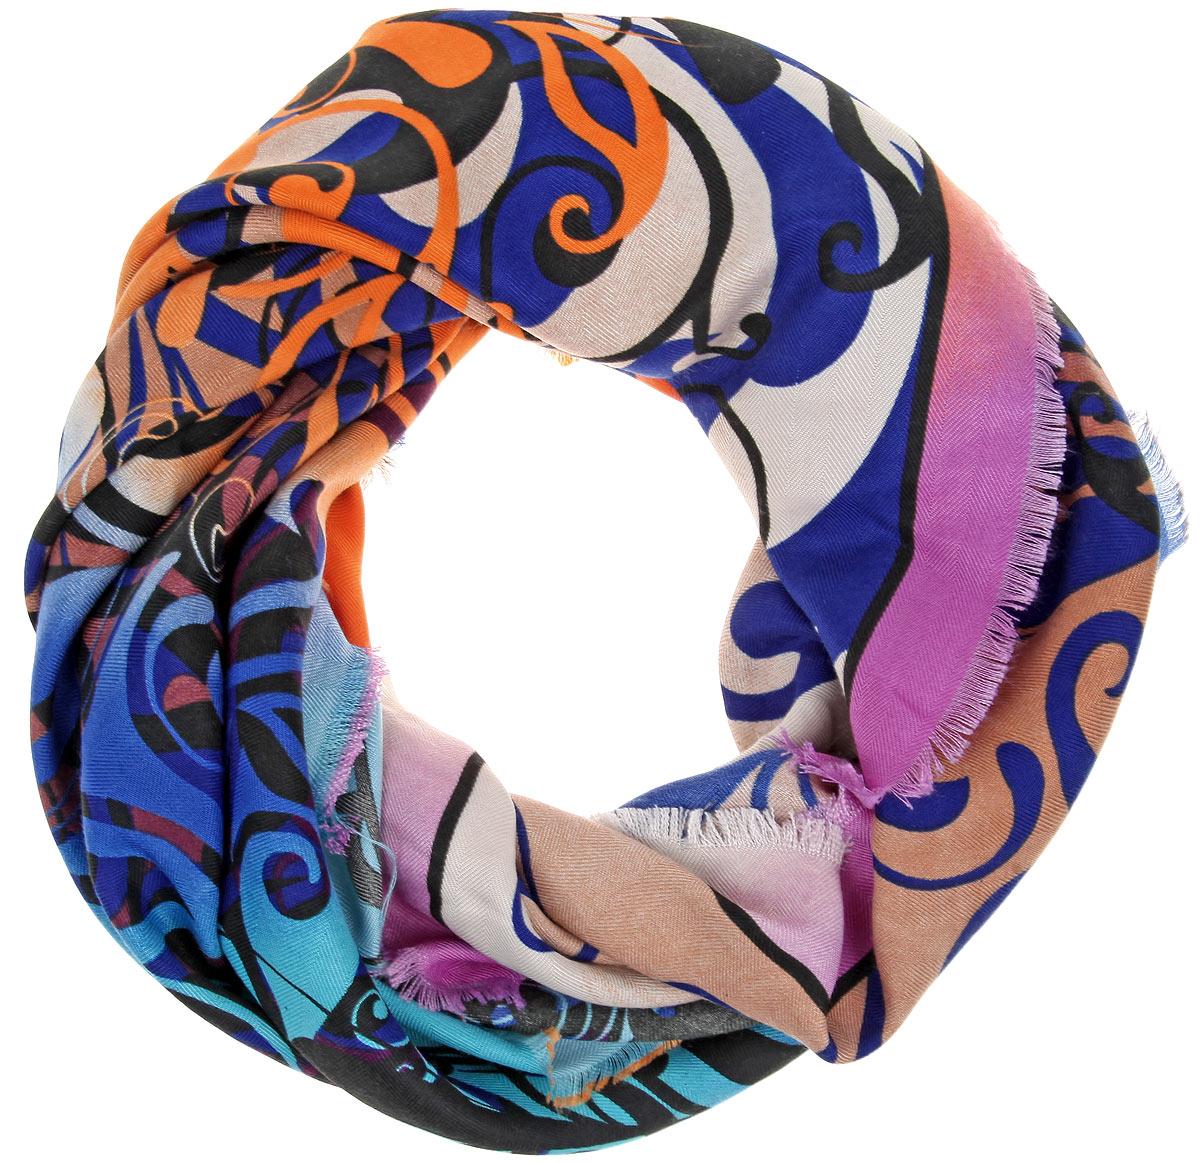 ПлатокBH-11531-5Элегантный платок от Sophie Ramage внесет изысканные нотки в ваш образ. Модель выполнена из модала с добавлением кашемира и декорирована изумительным орнаментом. Края платка оформлены бахромой. Этот модный аксессуар женского гардероба гармонично дополнит образ современной женщины, следящей за своим имиджем и стремящейся всегда оставаться стильной и женственной.